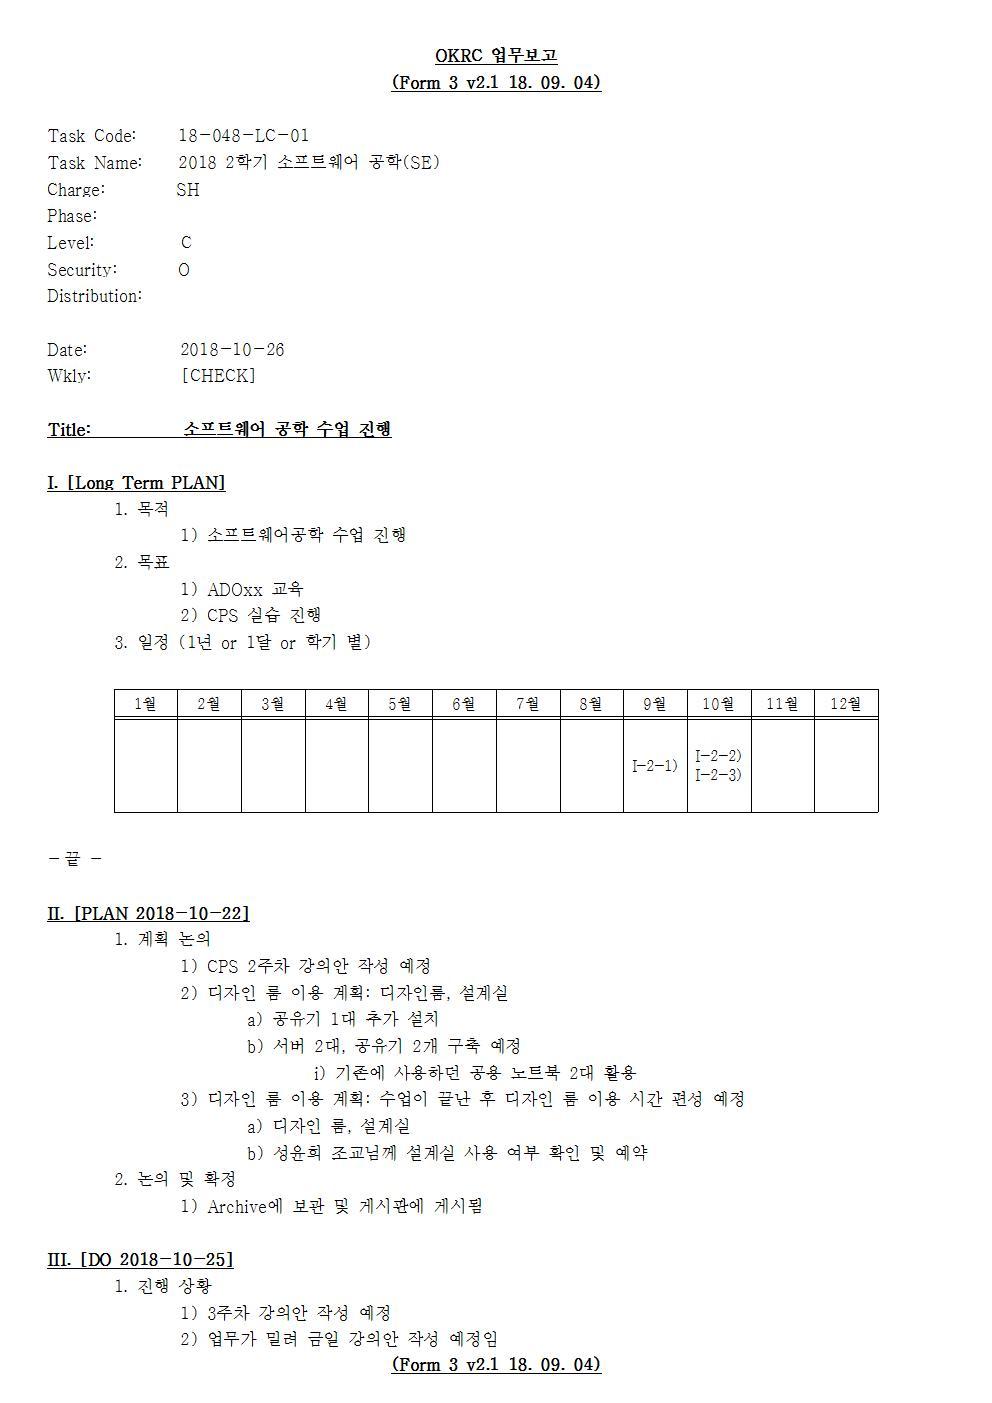 D-[18-048-LC-01]-[SE]-[2018-10-26][SH]001.jpg